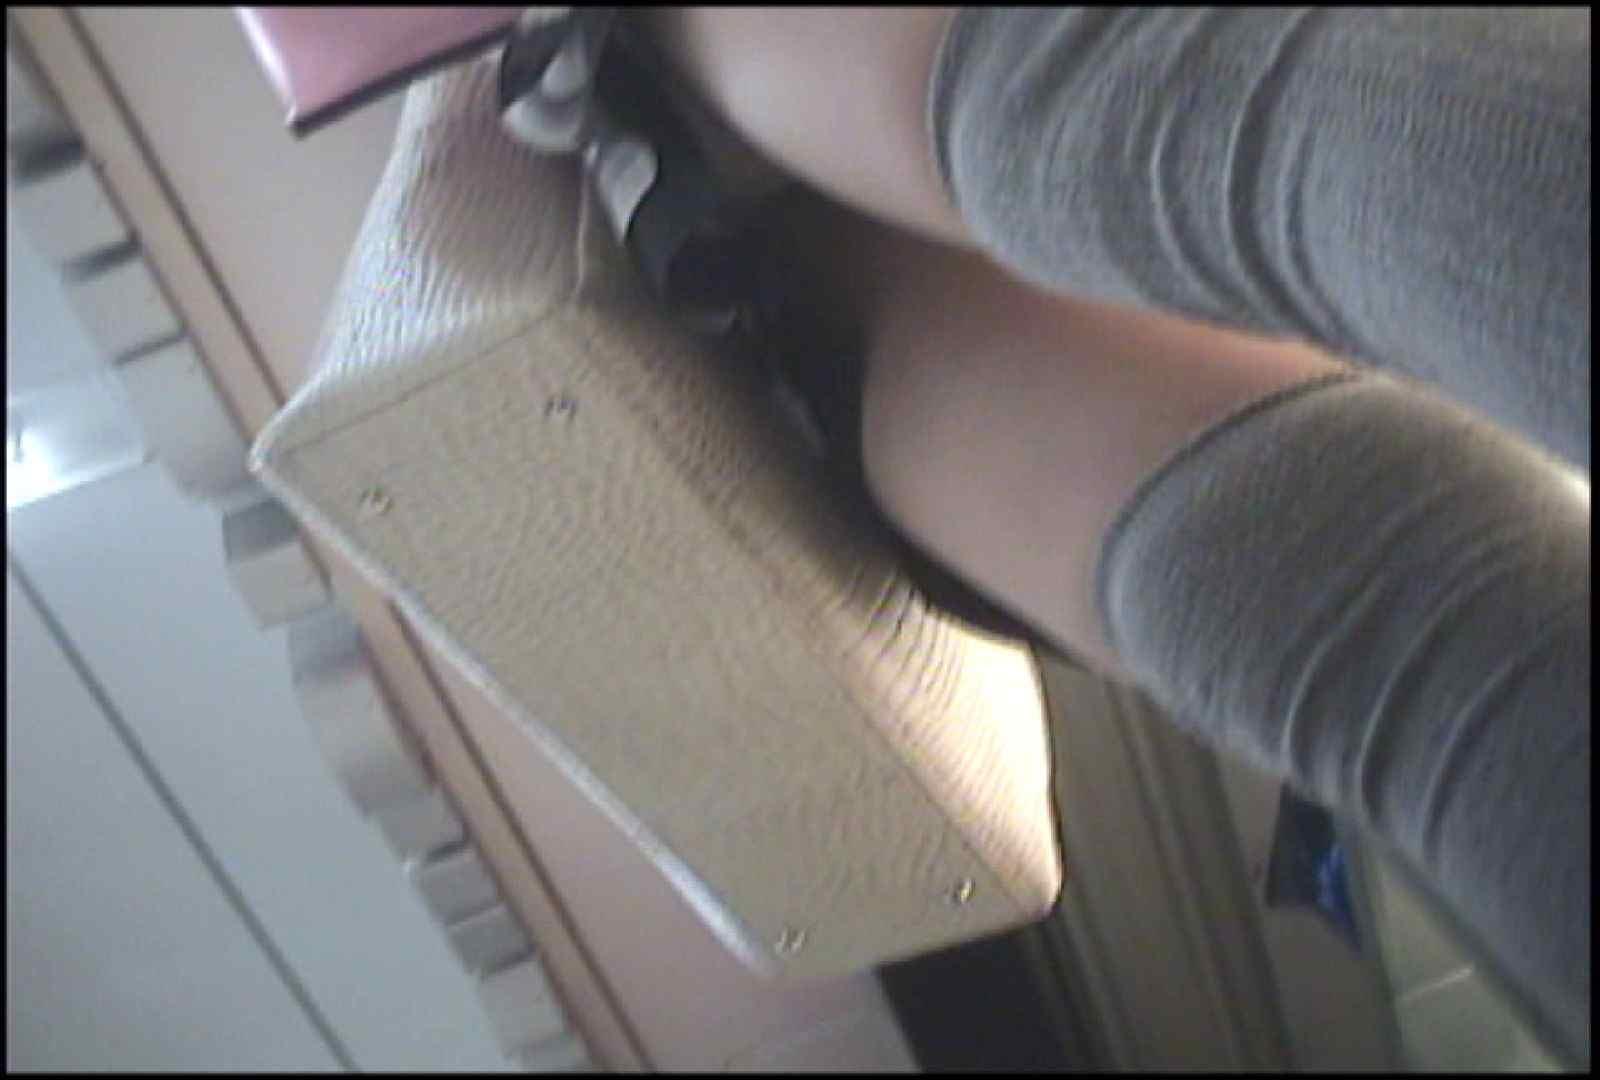 「しん」さんの逆さバイキングVol.1 パンチラ 隠し撮りオマンコ動画紹介 95pic 59